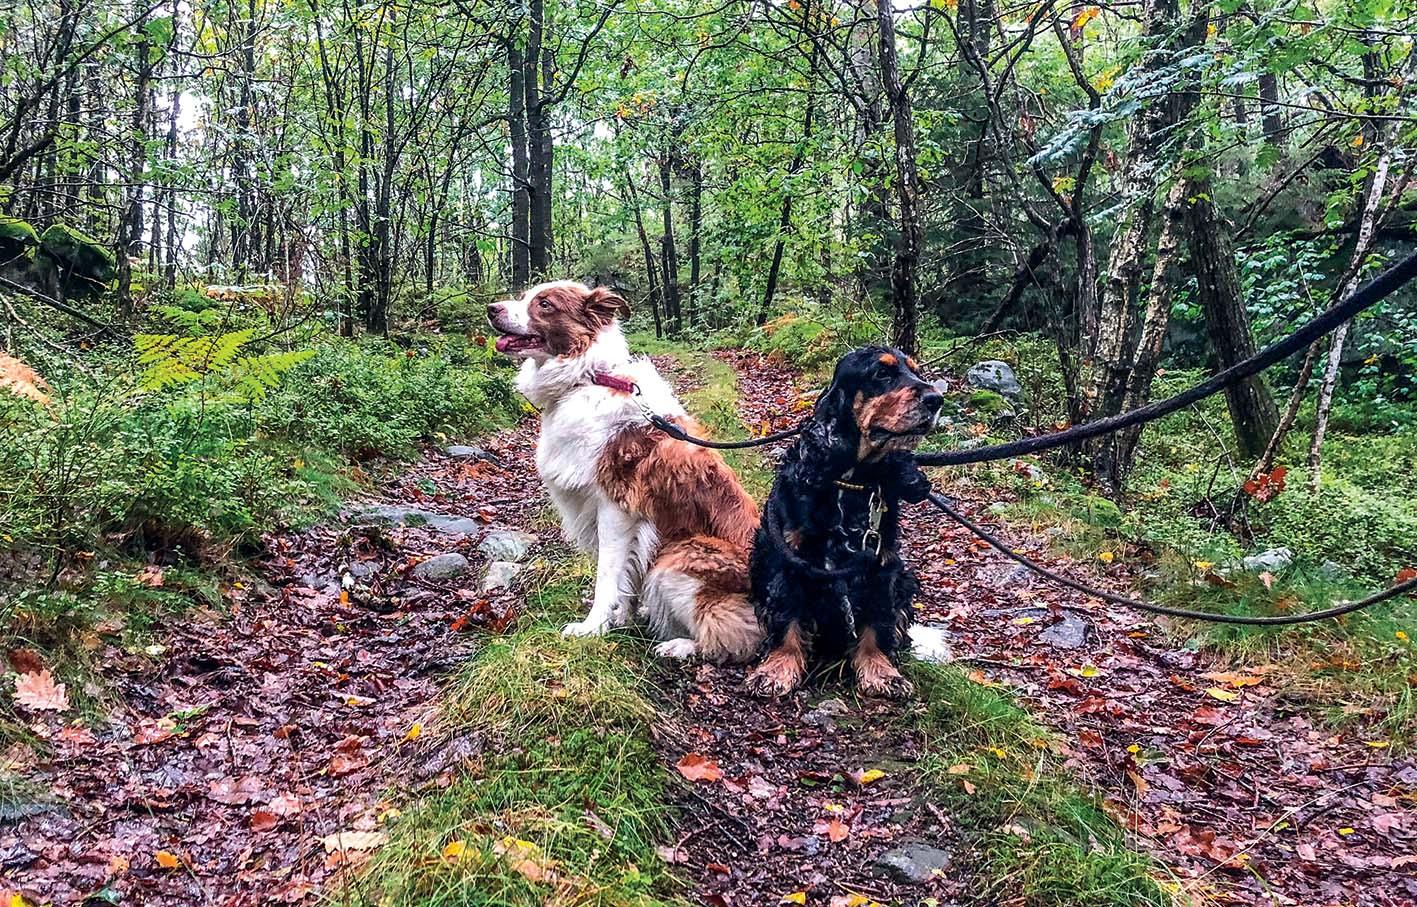 SYKDOMSSPREDNING: Det Er Funnet Alvorlig Smittebærende Sykdom Hos Hunder Også På Agder. Hundene På Bildet Er Ikke Syke.